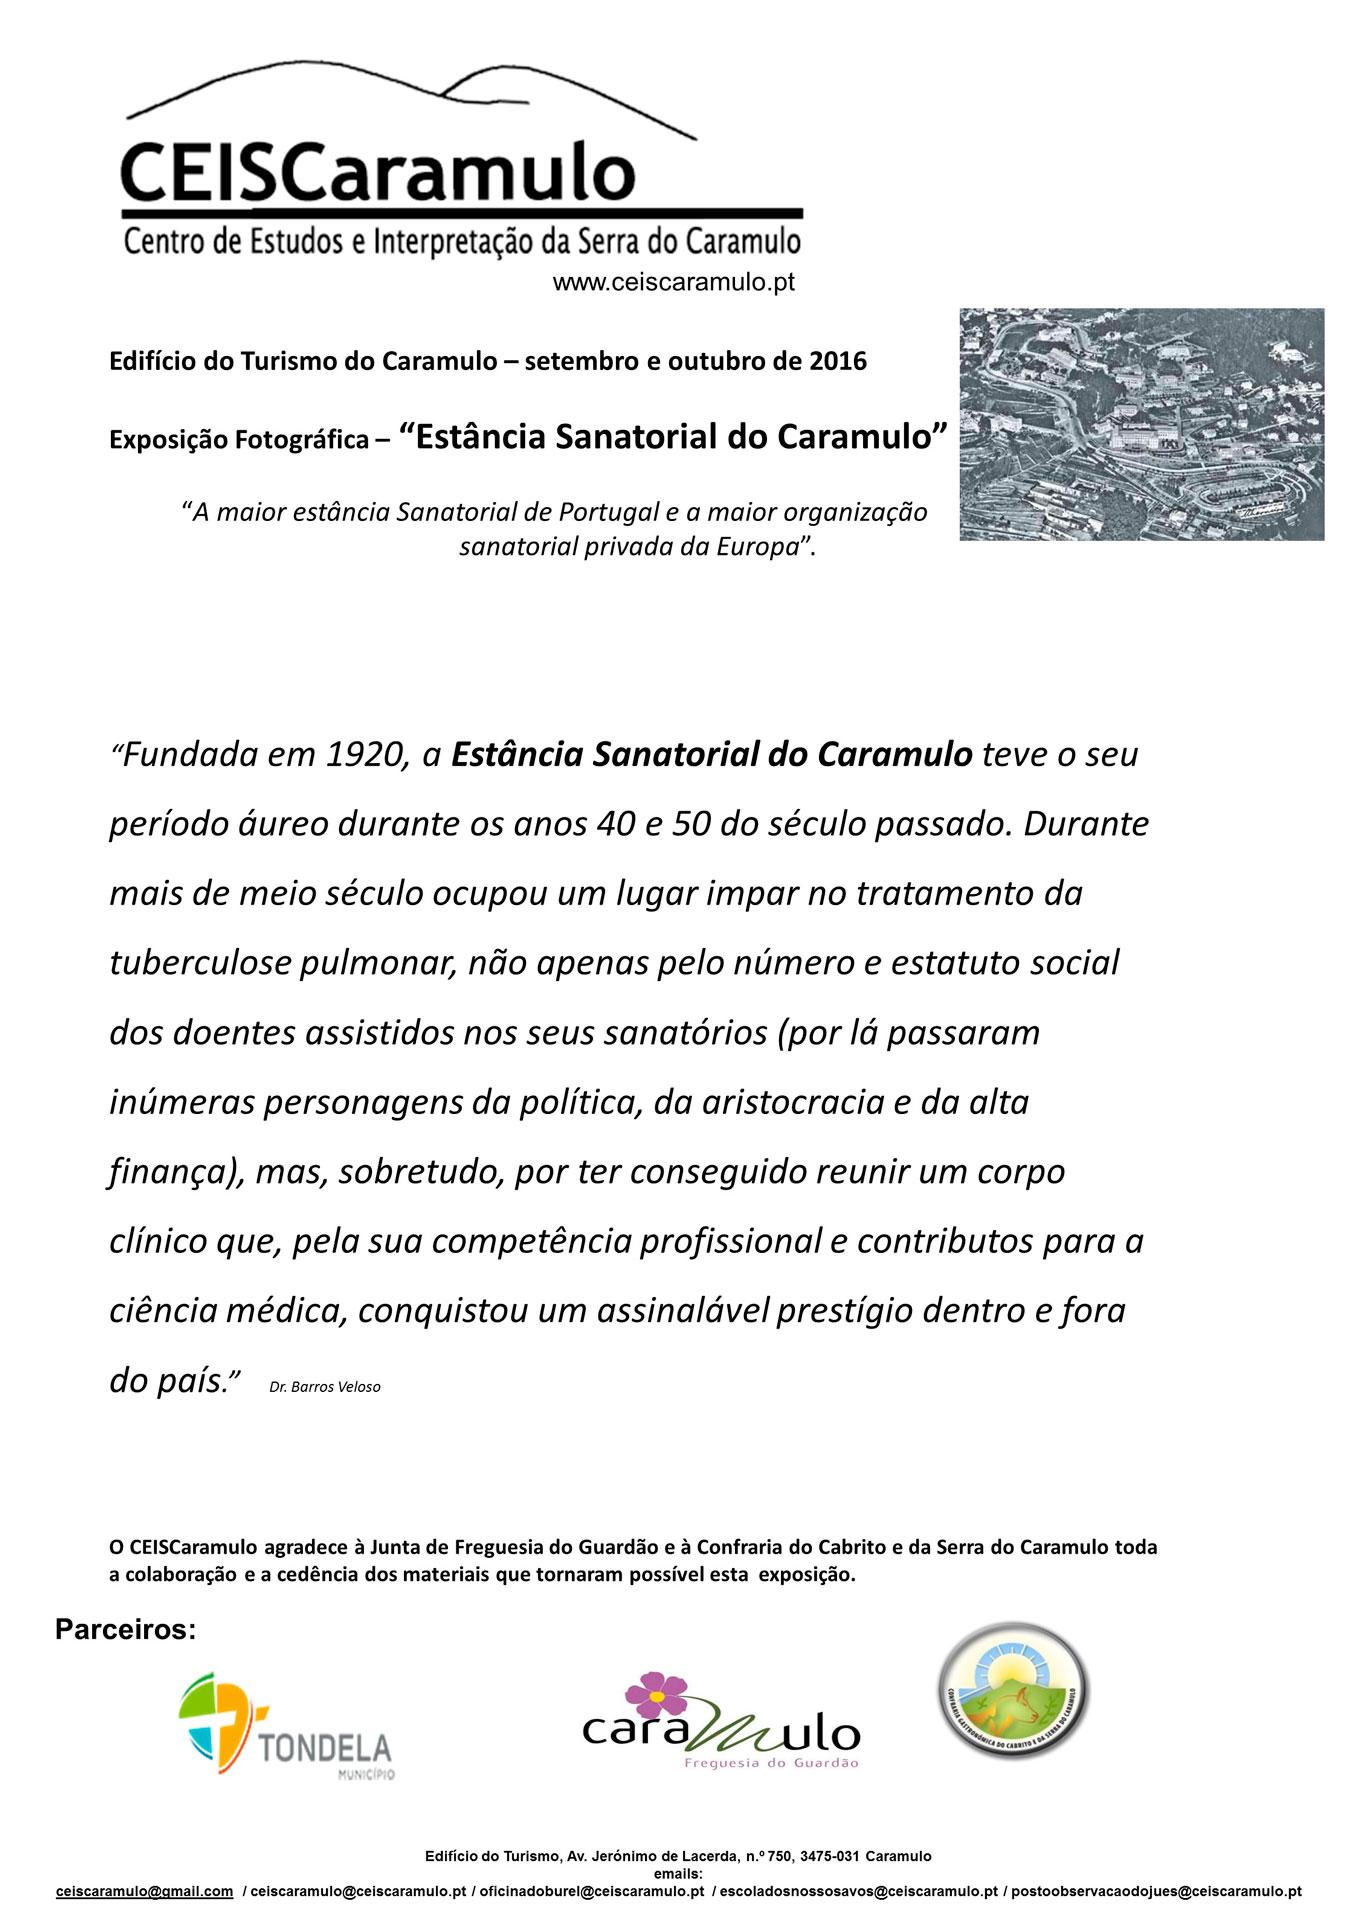 """Exposição Fotográfica """"Estância Sanatorial do Caramulo"""""""